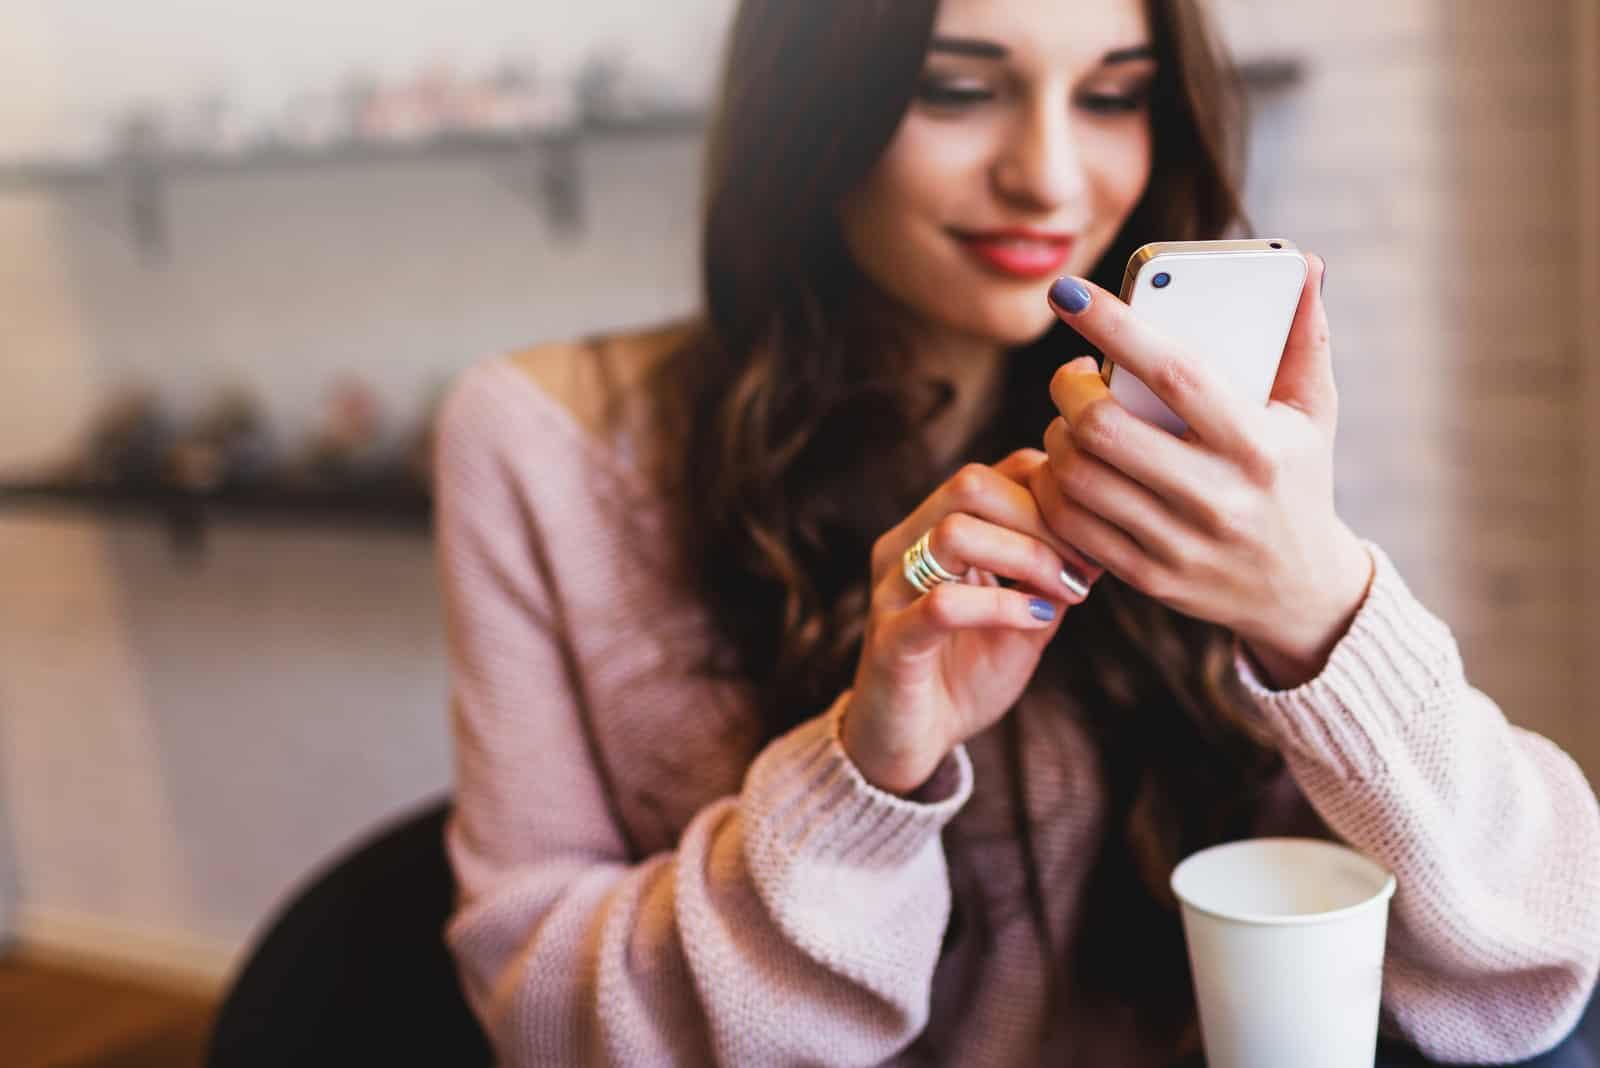 une femme aux longs cheveux bruns est assise en train de boire du café et d'appuyer sur un téléphone